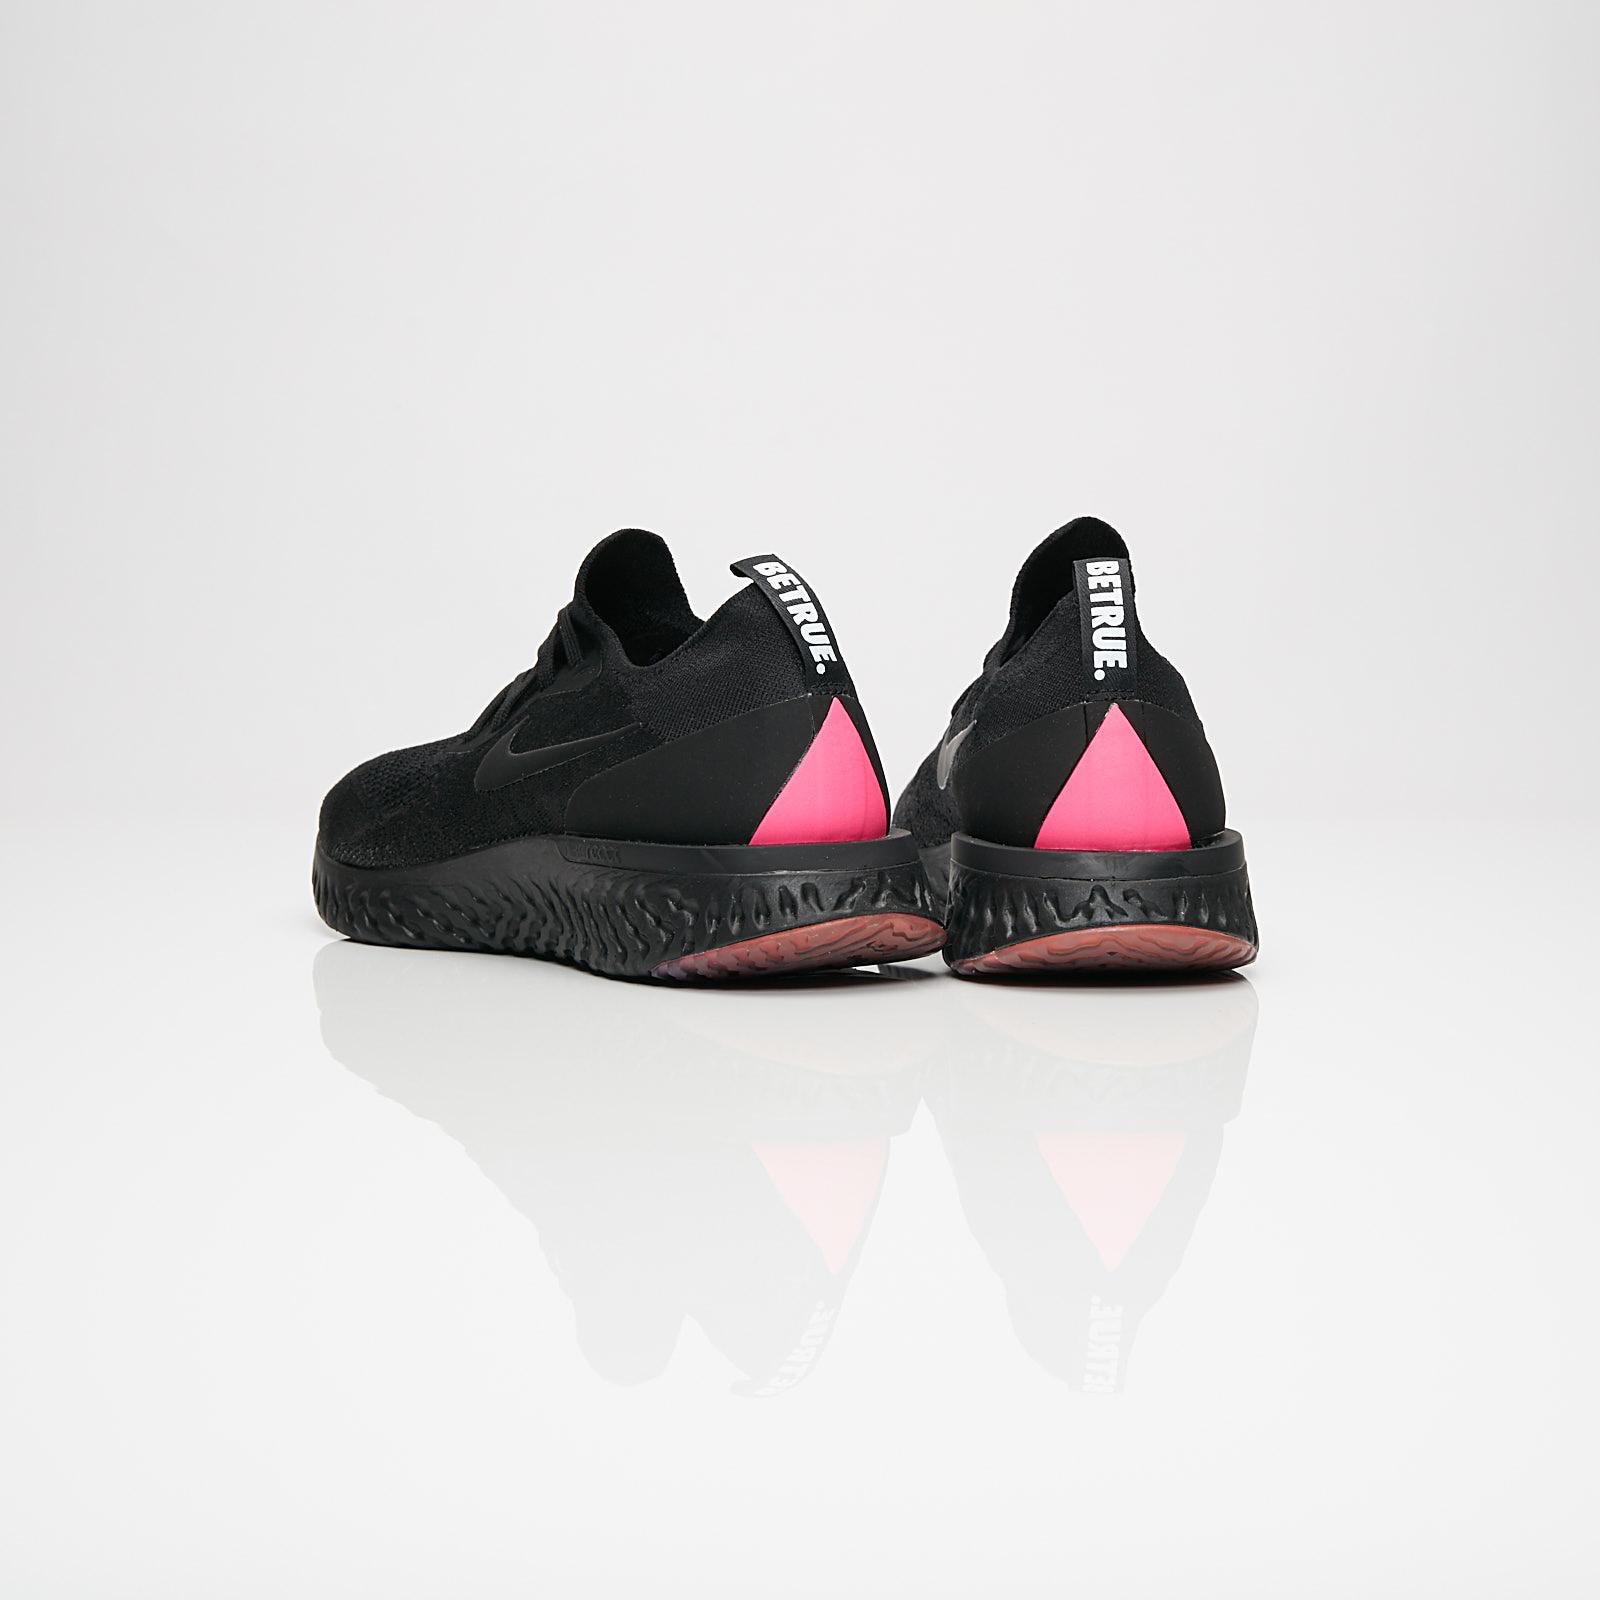 c508a95708c Nike Epic React Flyknit Be True - Ar3772-001 - Sneakersnstuff ...